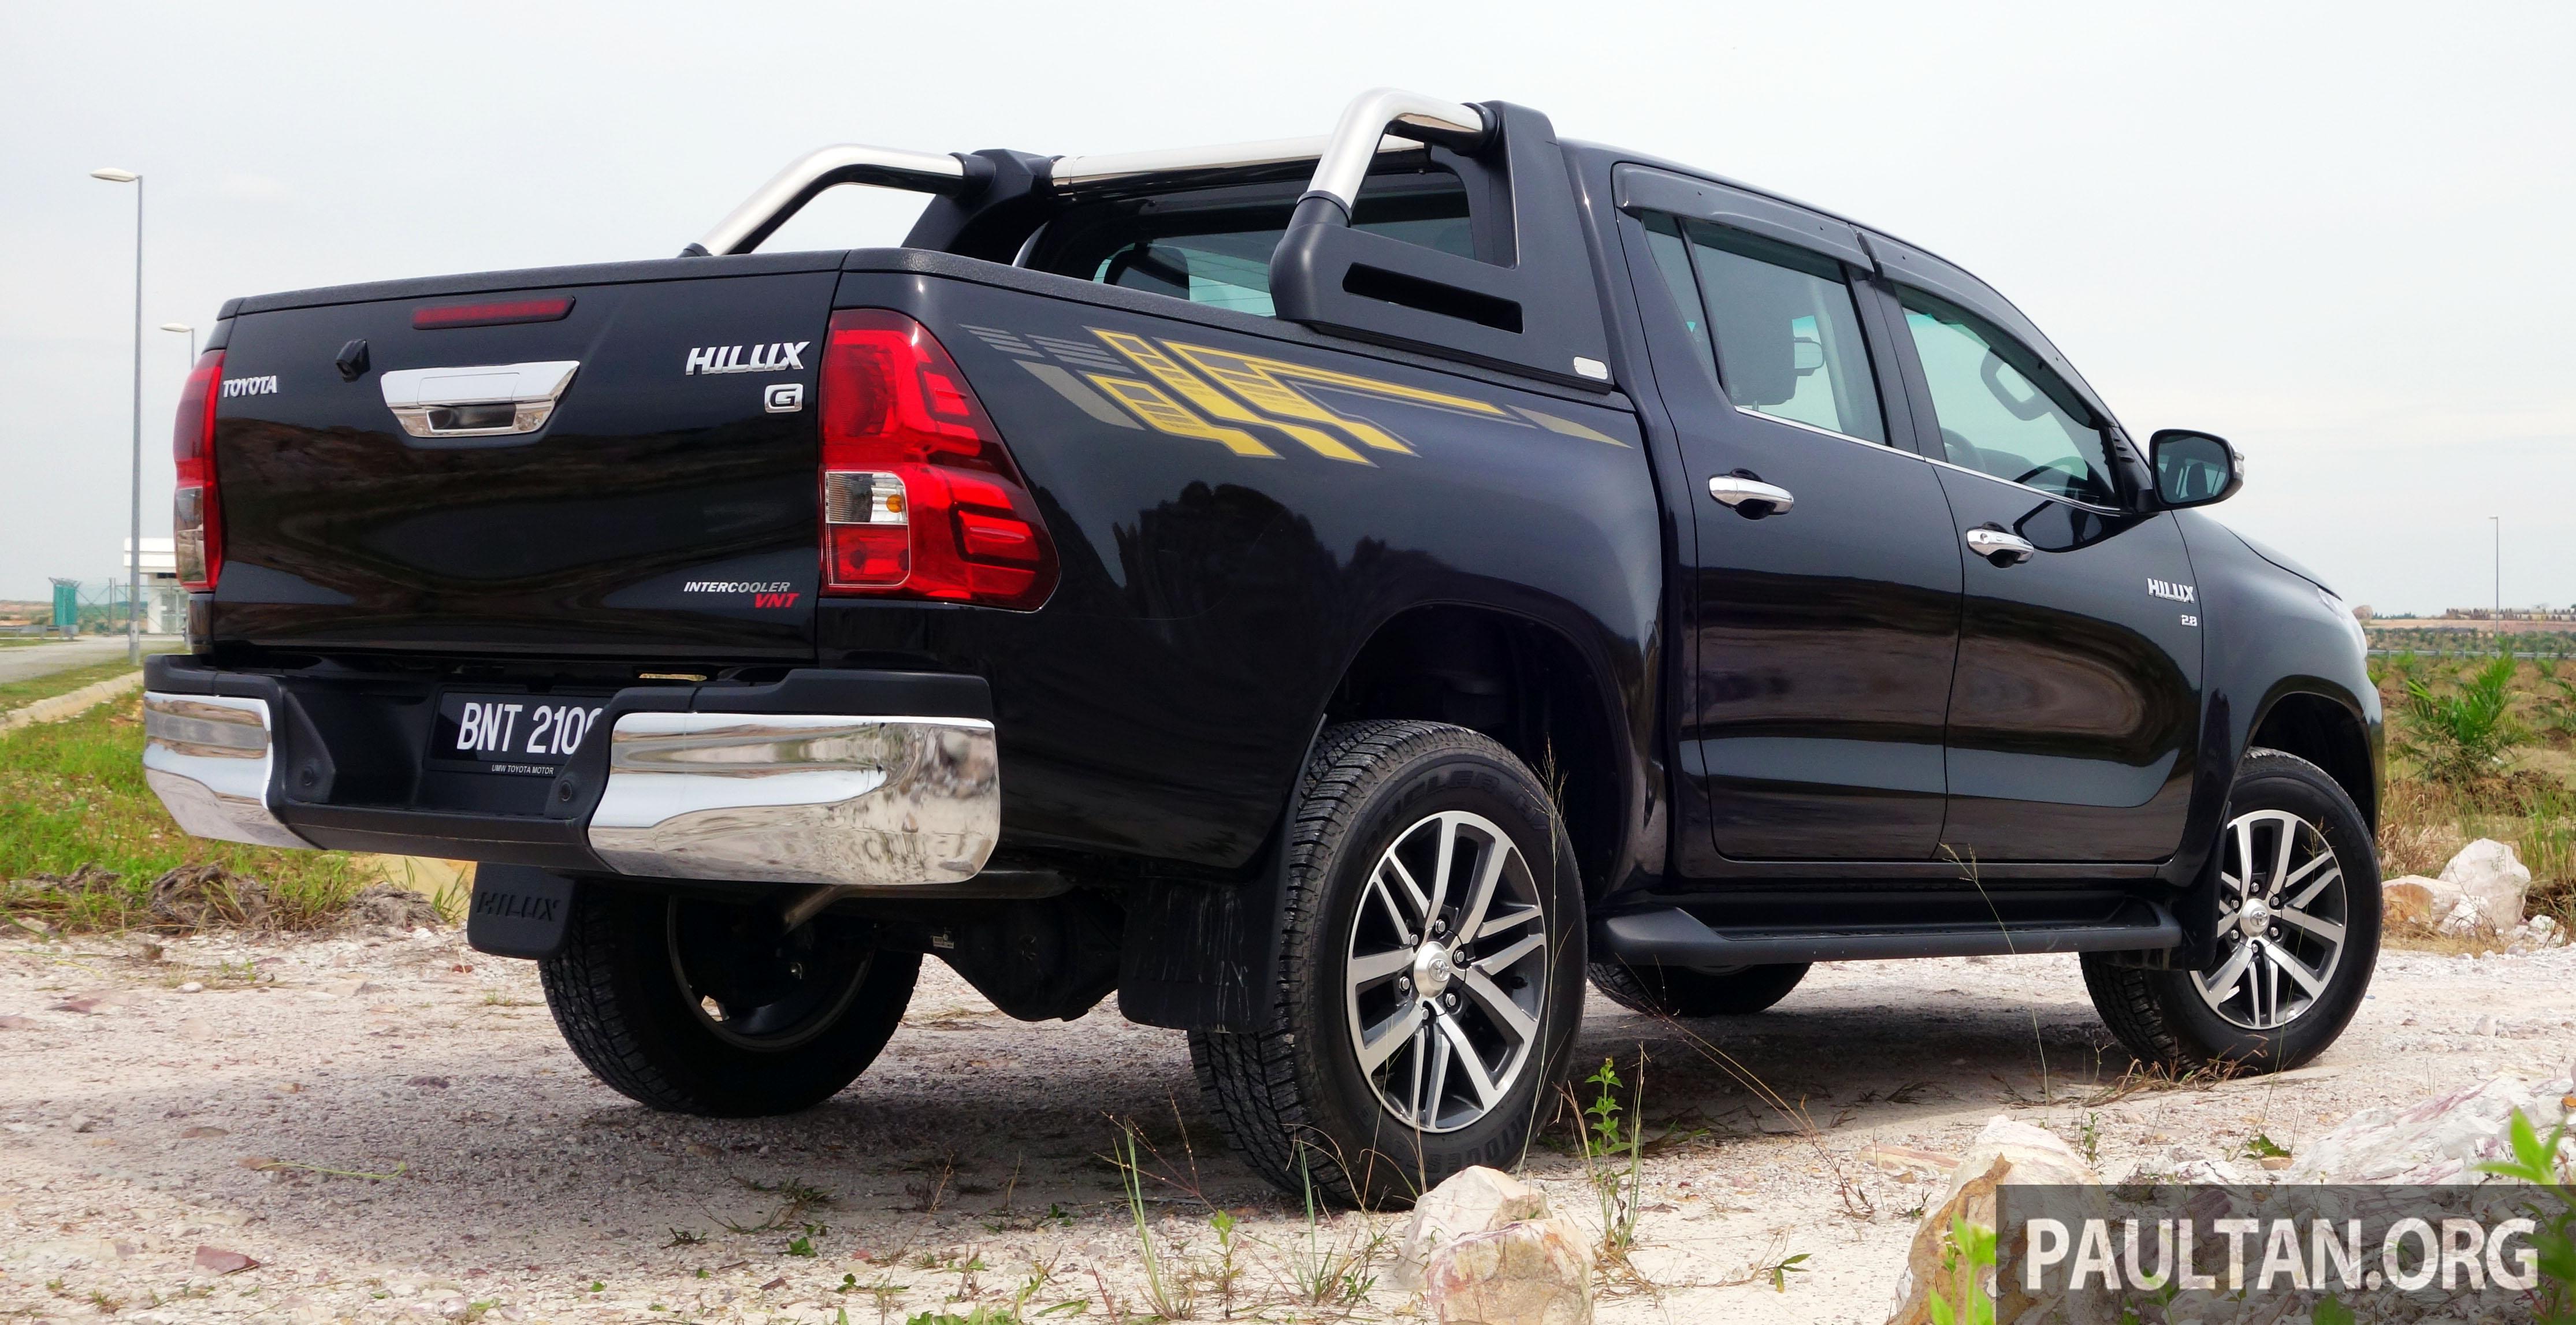 Toyota Hilux 2016 >> PANDU UJI: Toyota Hilux 2.8G – Ketangkasan dalam imej urban, mampukah ia mengekalkan populariti ...